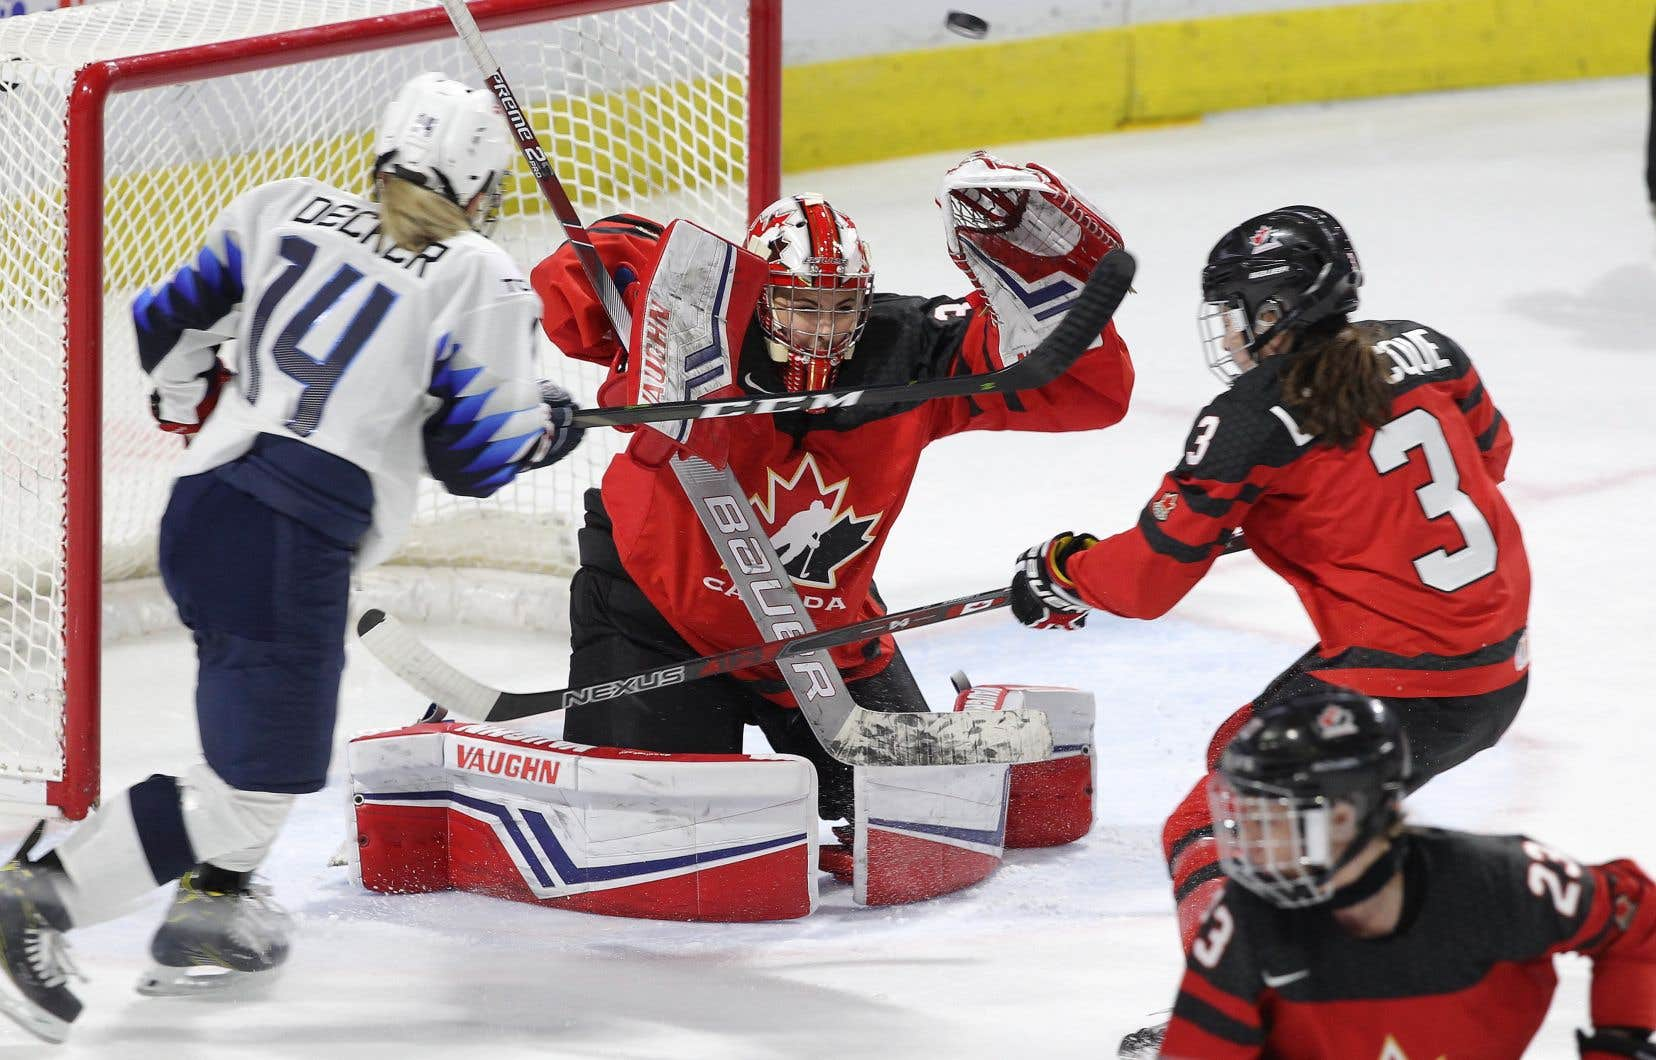 Hockey Canada et Hockey USA veulent conserver un niveau de compétition pour leurs joueuses de l'équipe nationale parce qu'elles ne jouent pas au sein d'une ligue cet hiver.